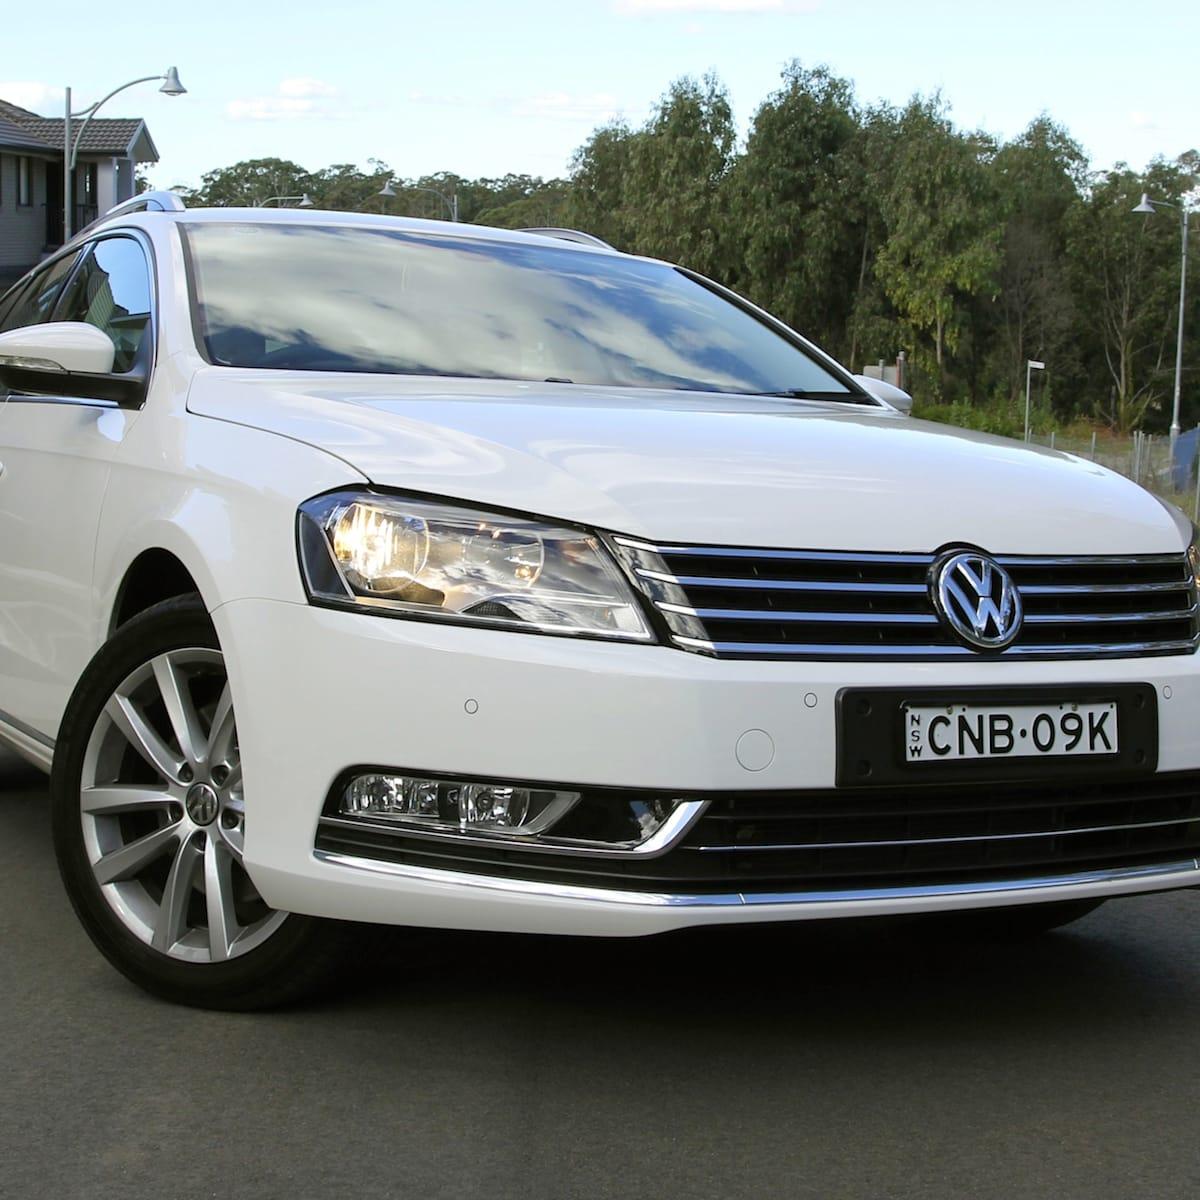 Volkswagen Passat Review: 130TDI | CarAdvice